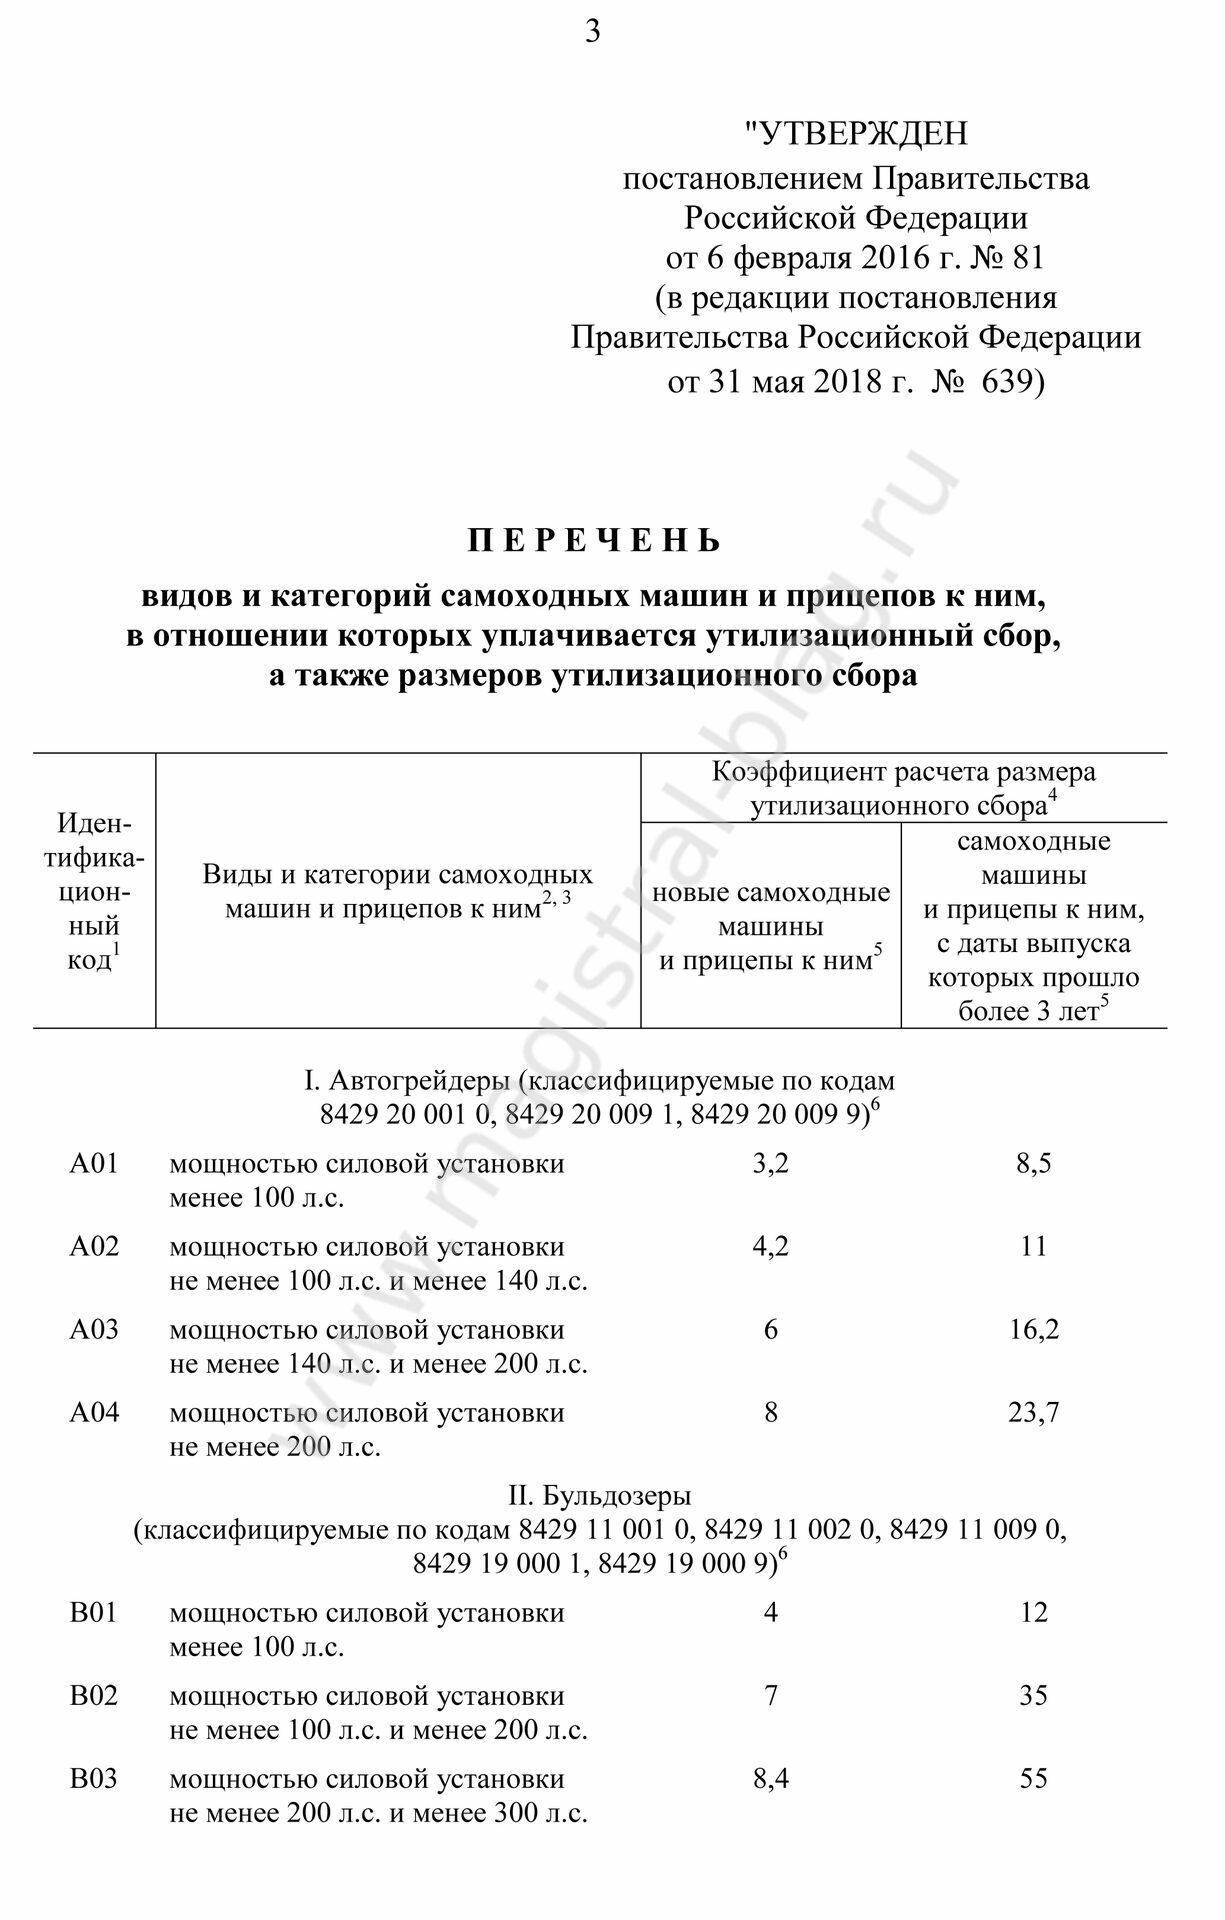 Определены правила уплаты утилизационного сбора в отношении самоходной техники